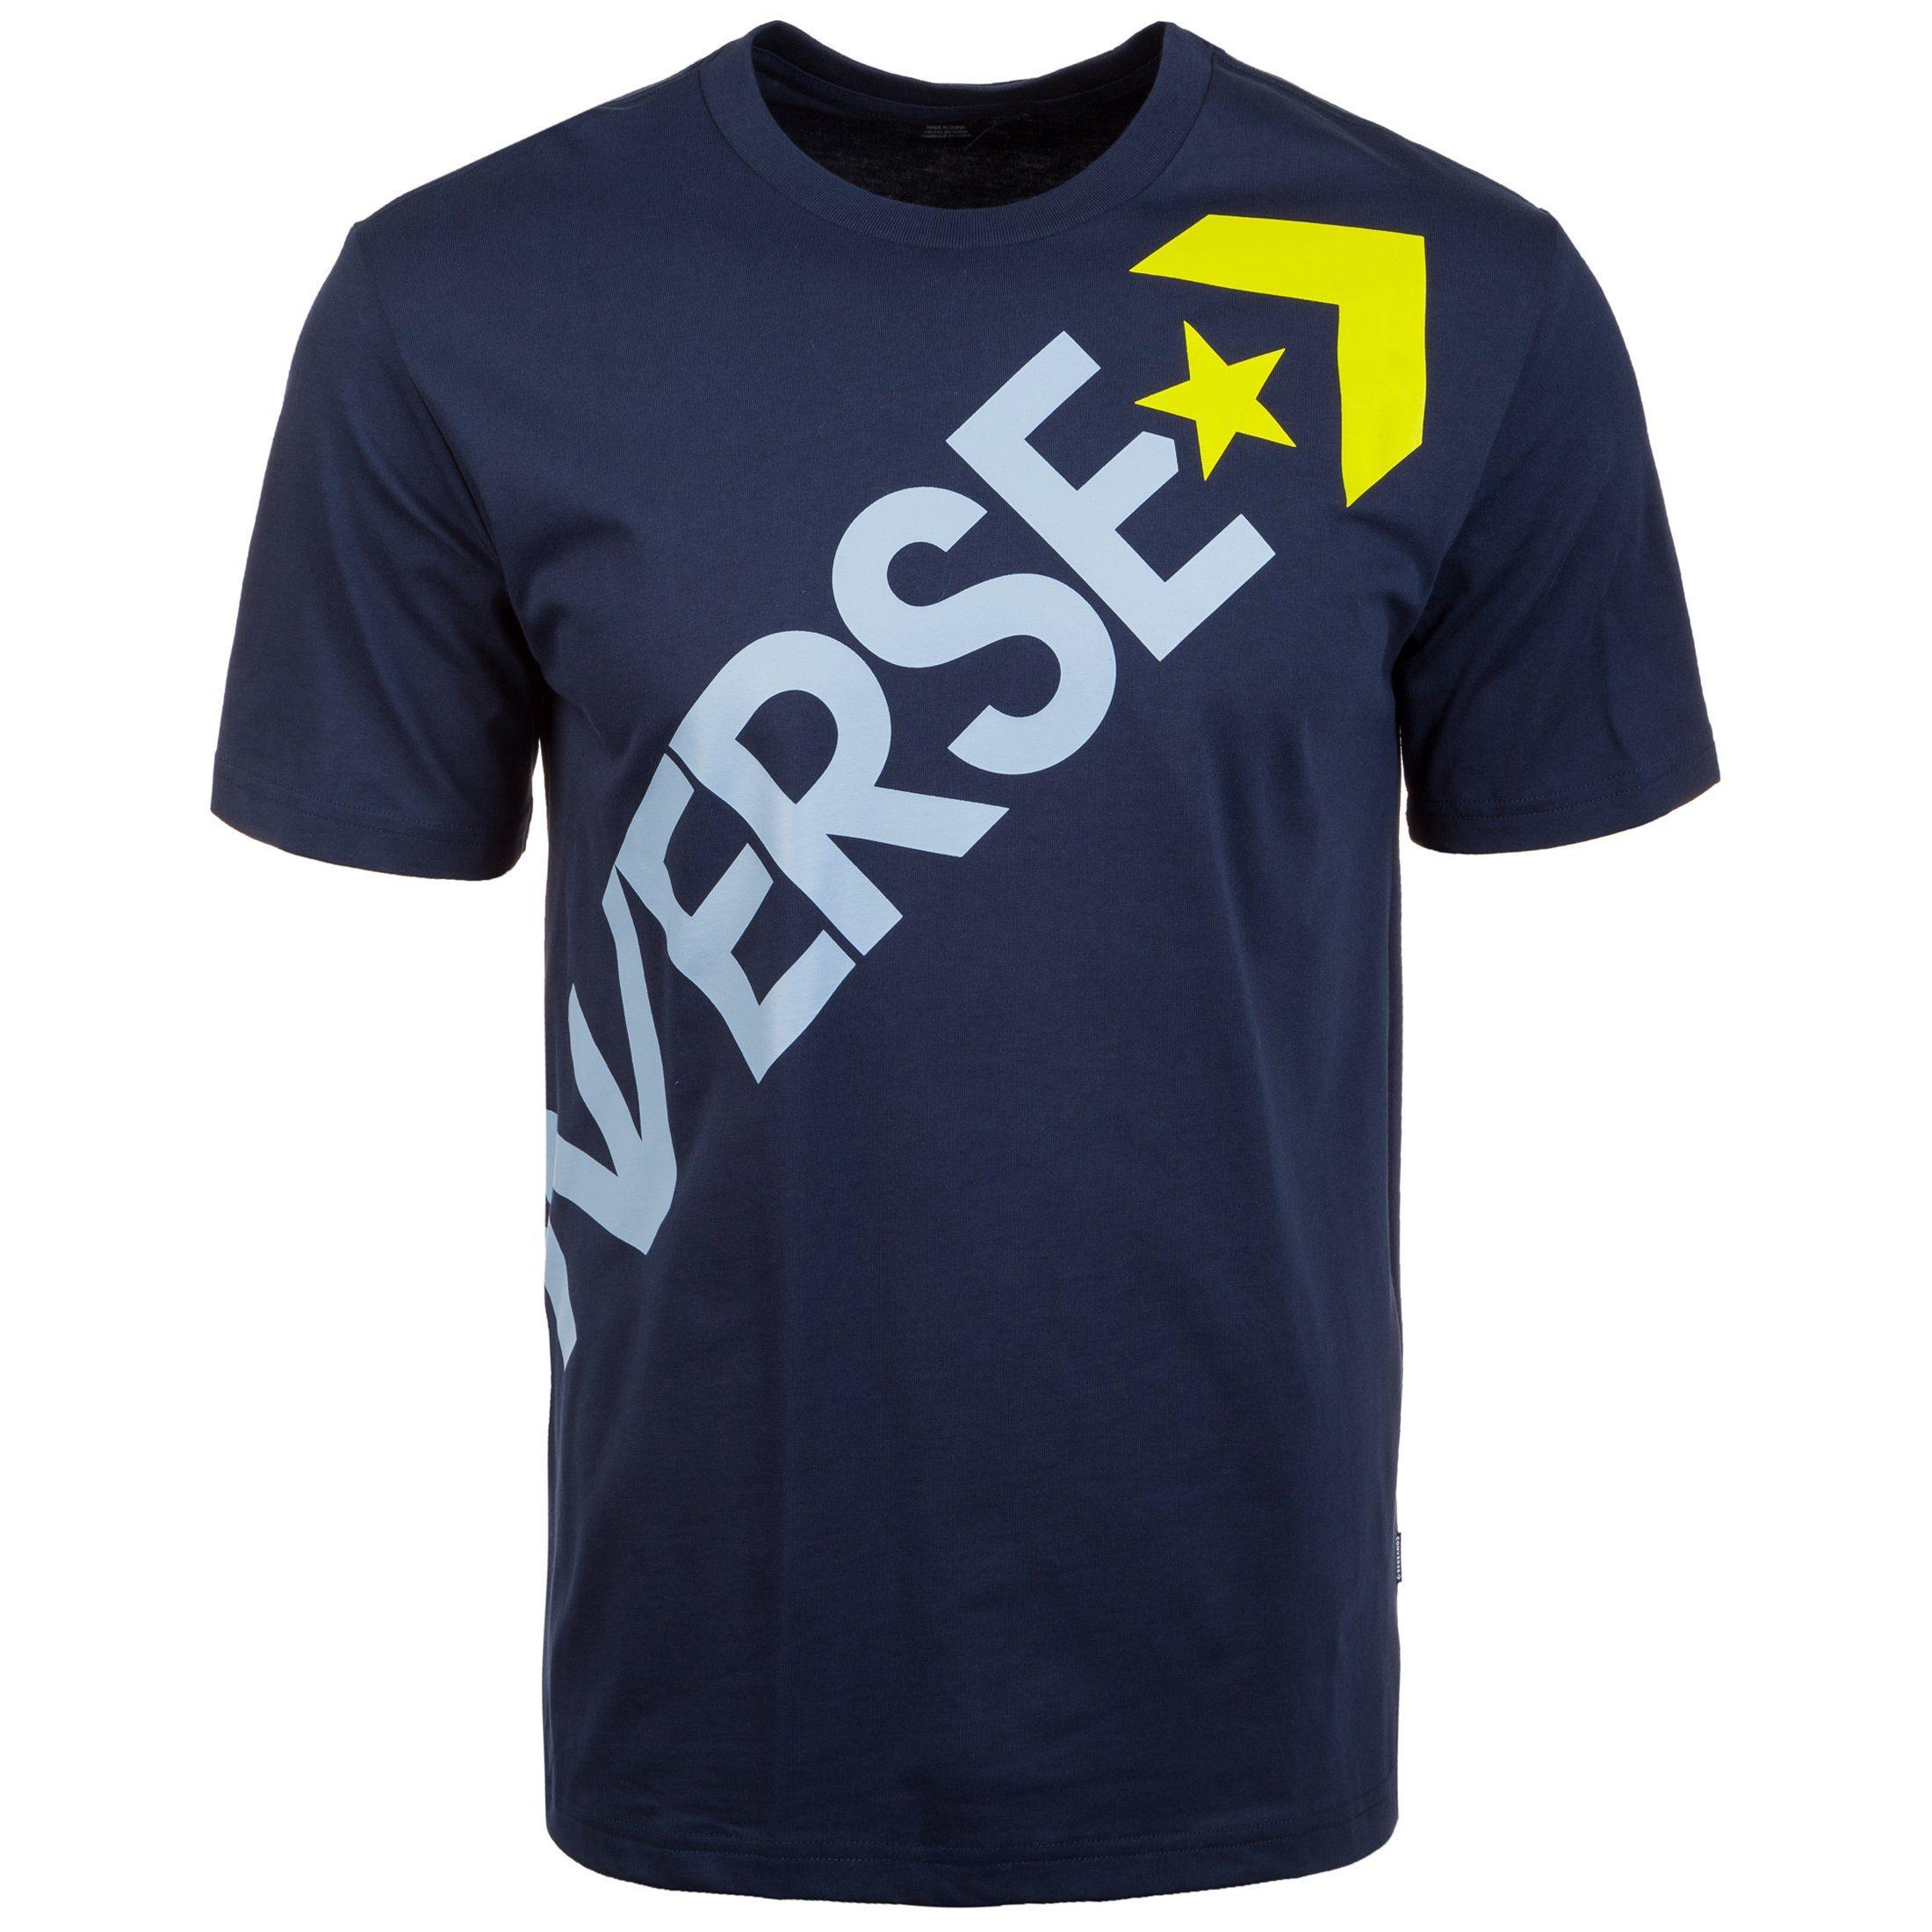 converse Sonstige Shirts für Herren online kaufen  9c8fa6699